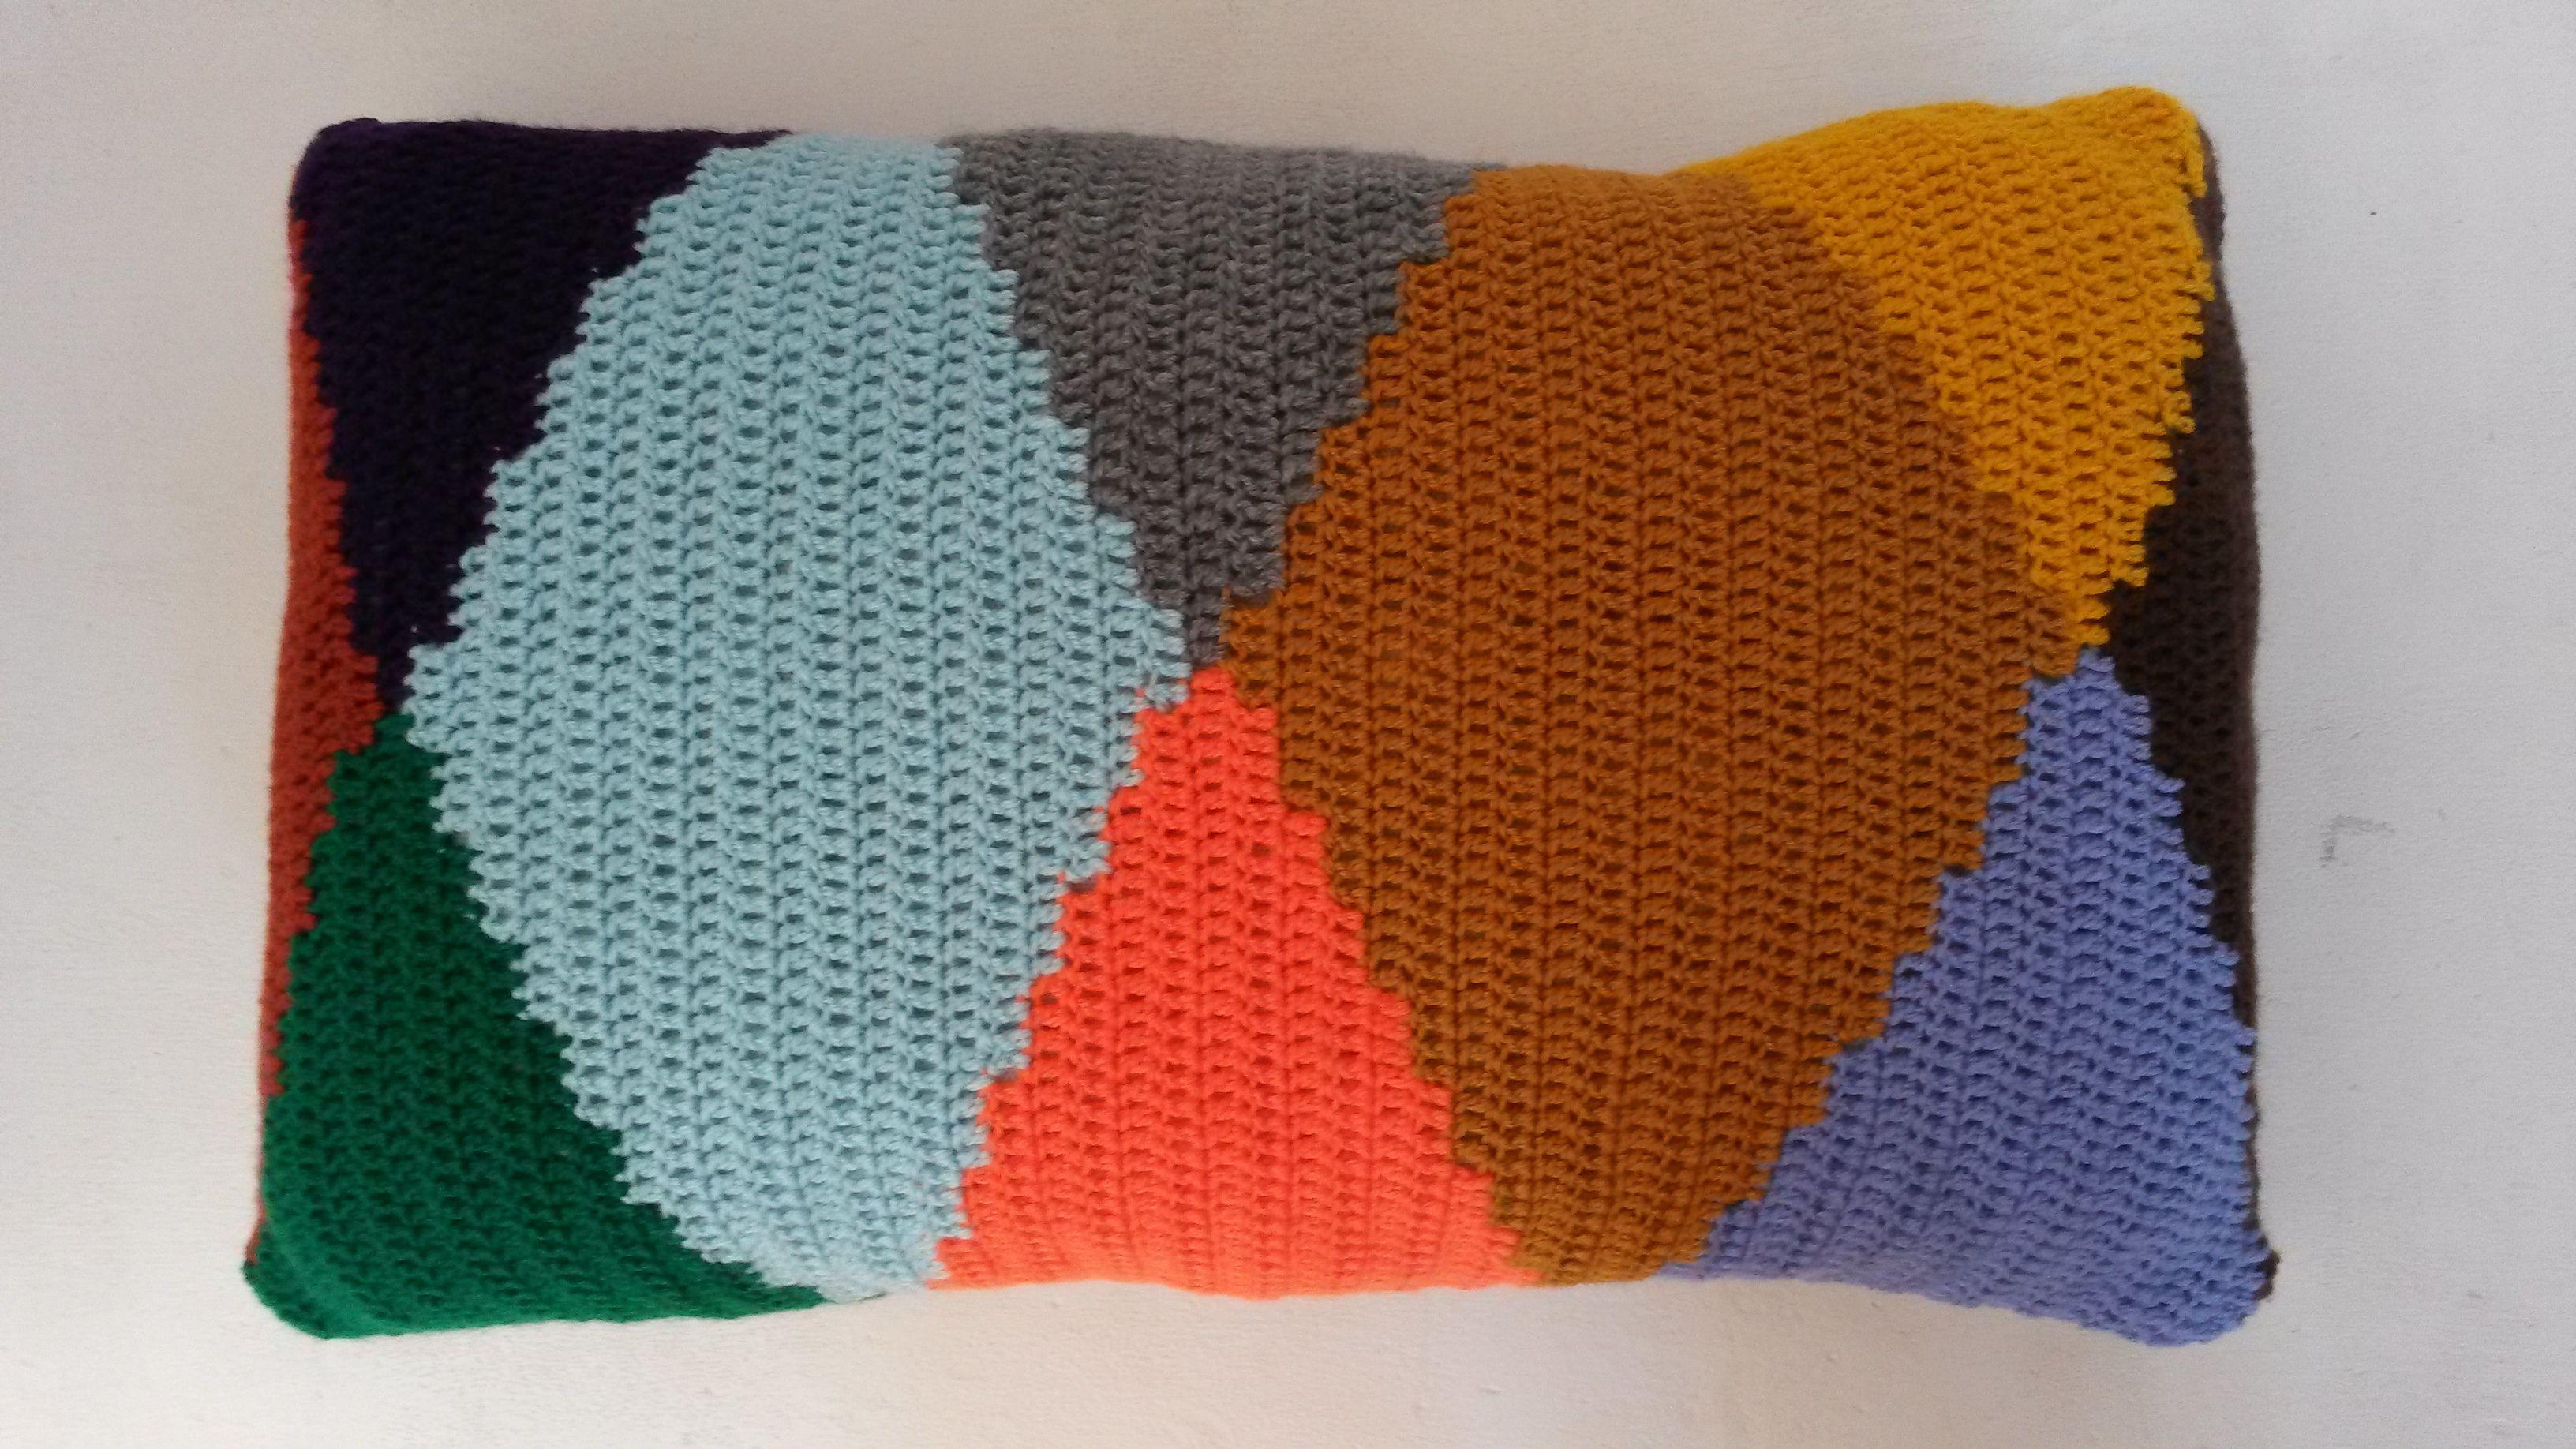 Handgemaakte kussens in frisse kleuren.